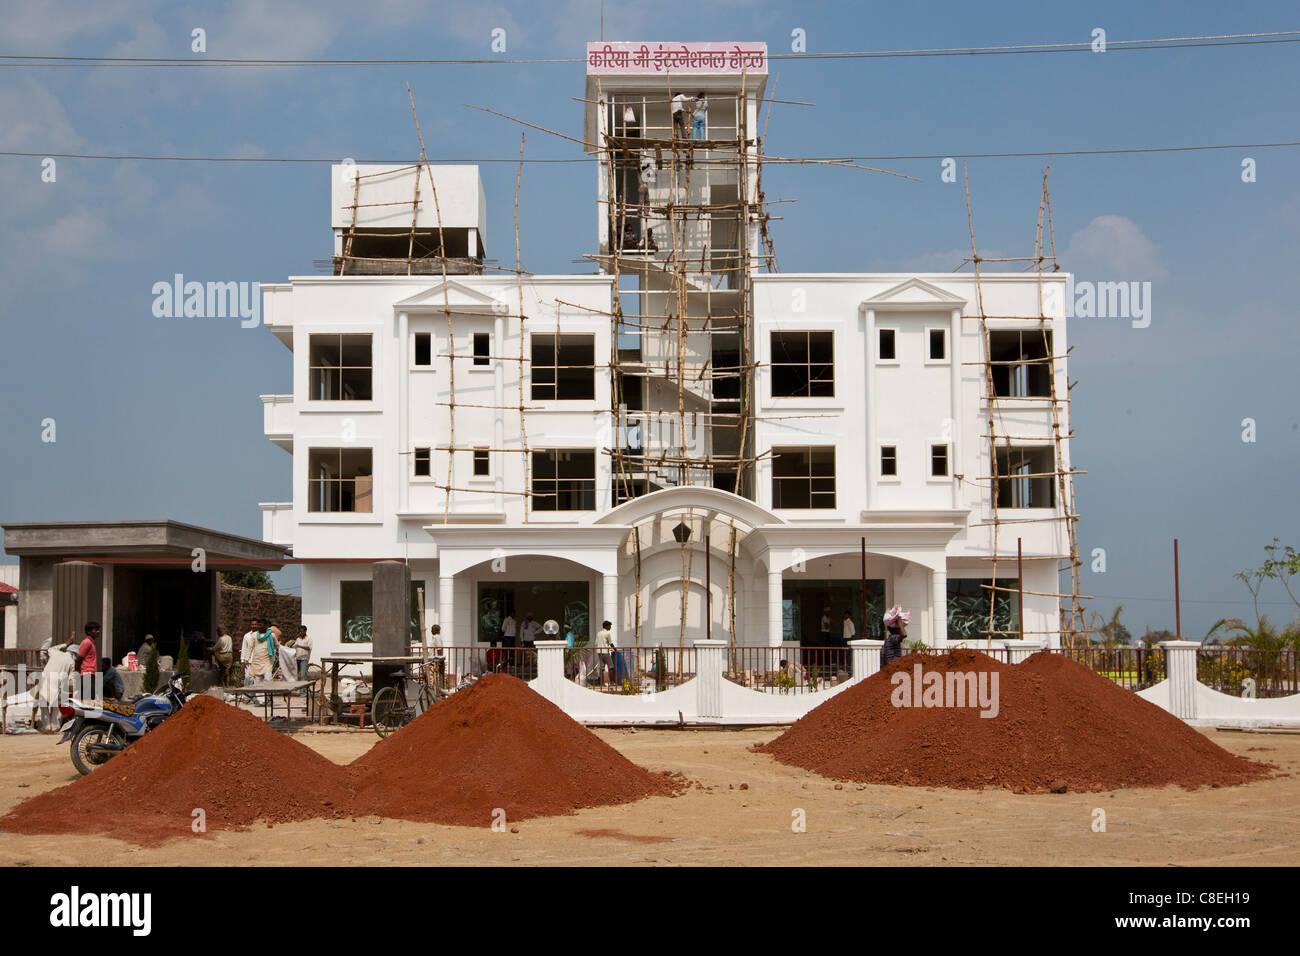 Economic growth in India - new luxury international hotel, Hotel Kariya Ji, being built near Varanasi Airport, India - Stock Image